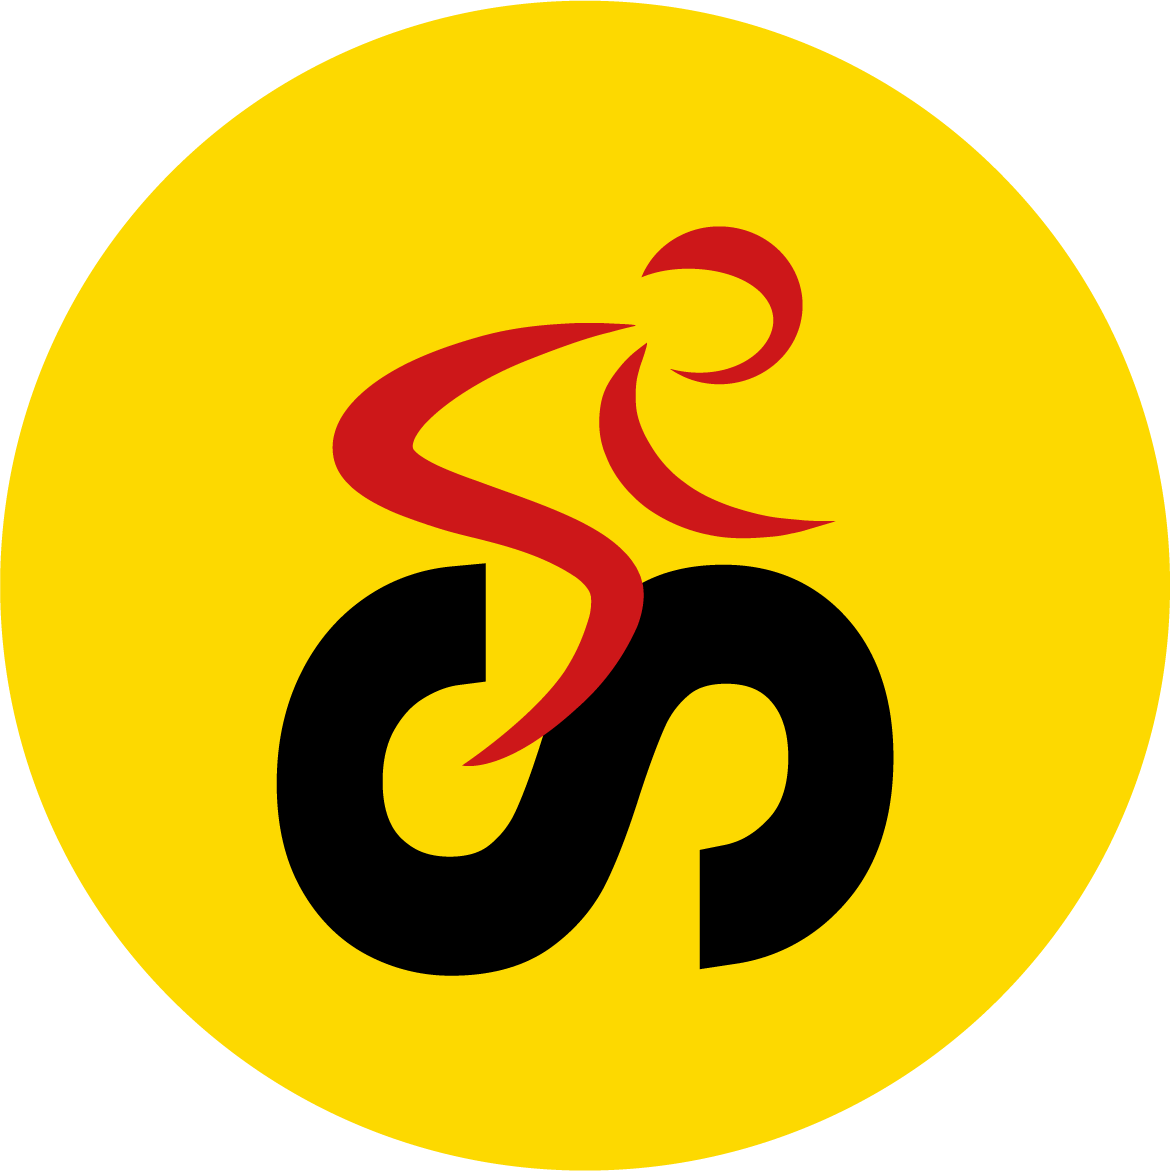 Bruxelles Grand départ du Tour de France 2019